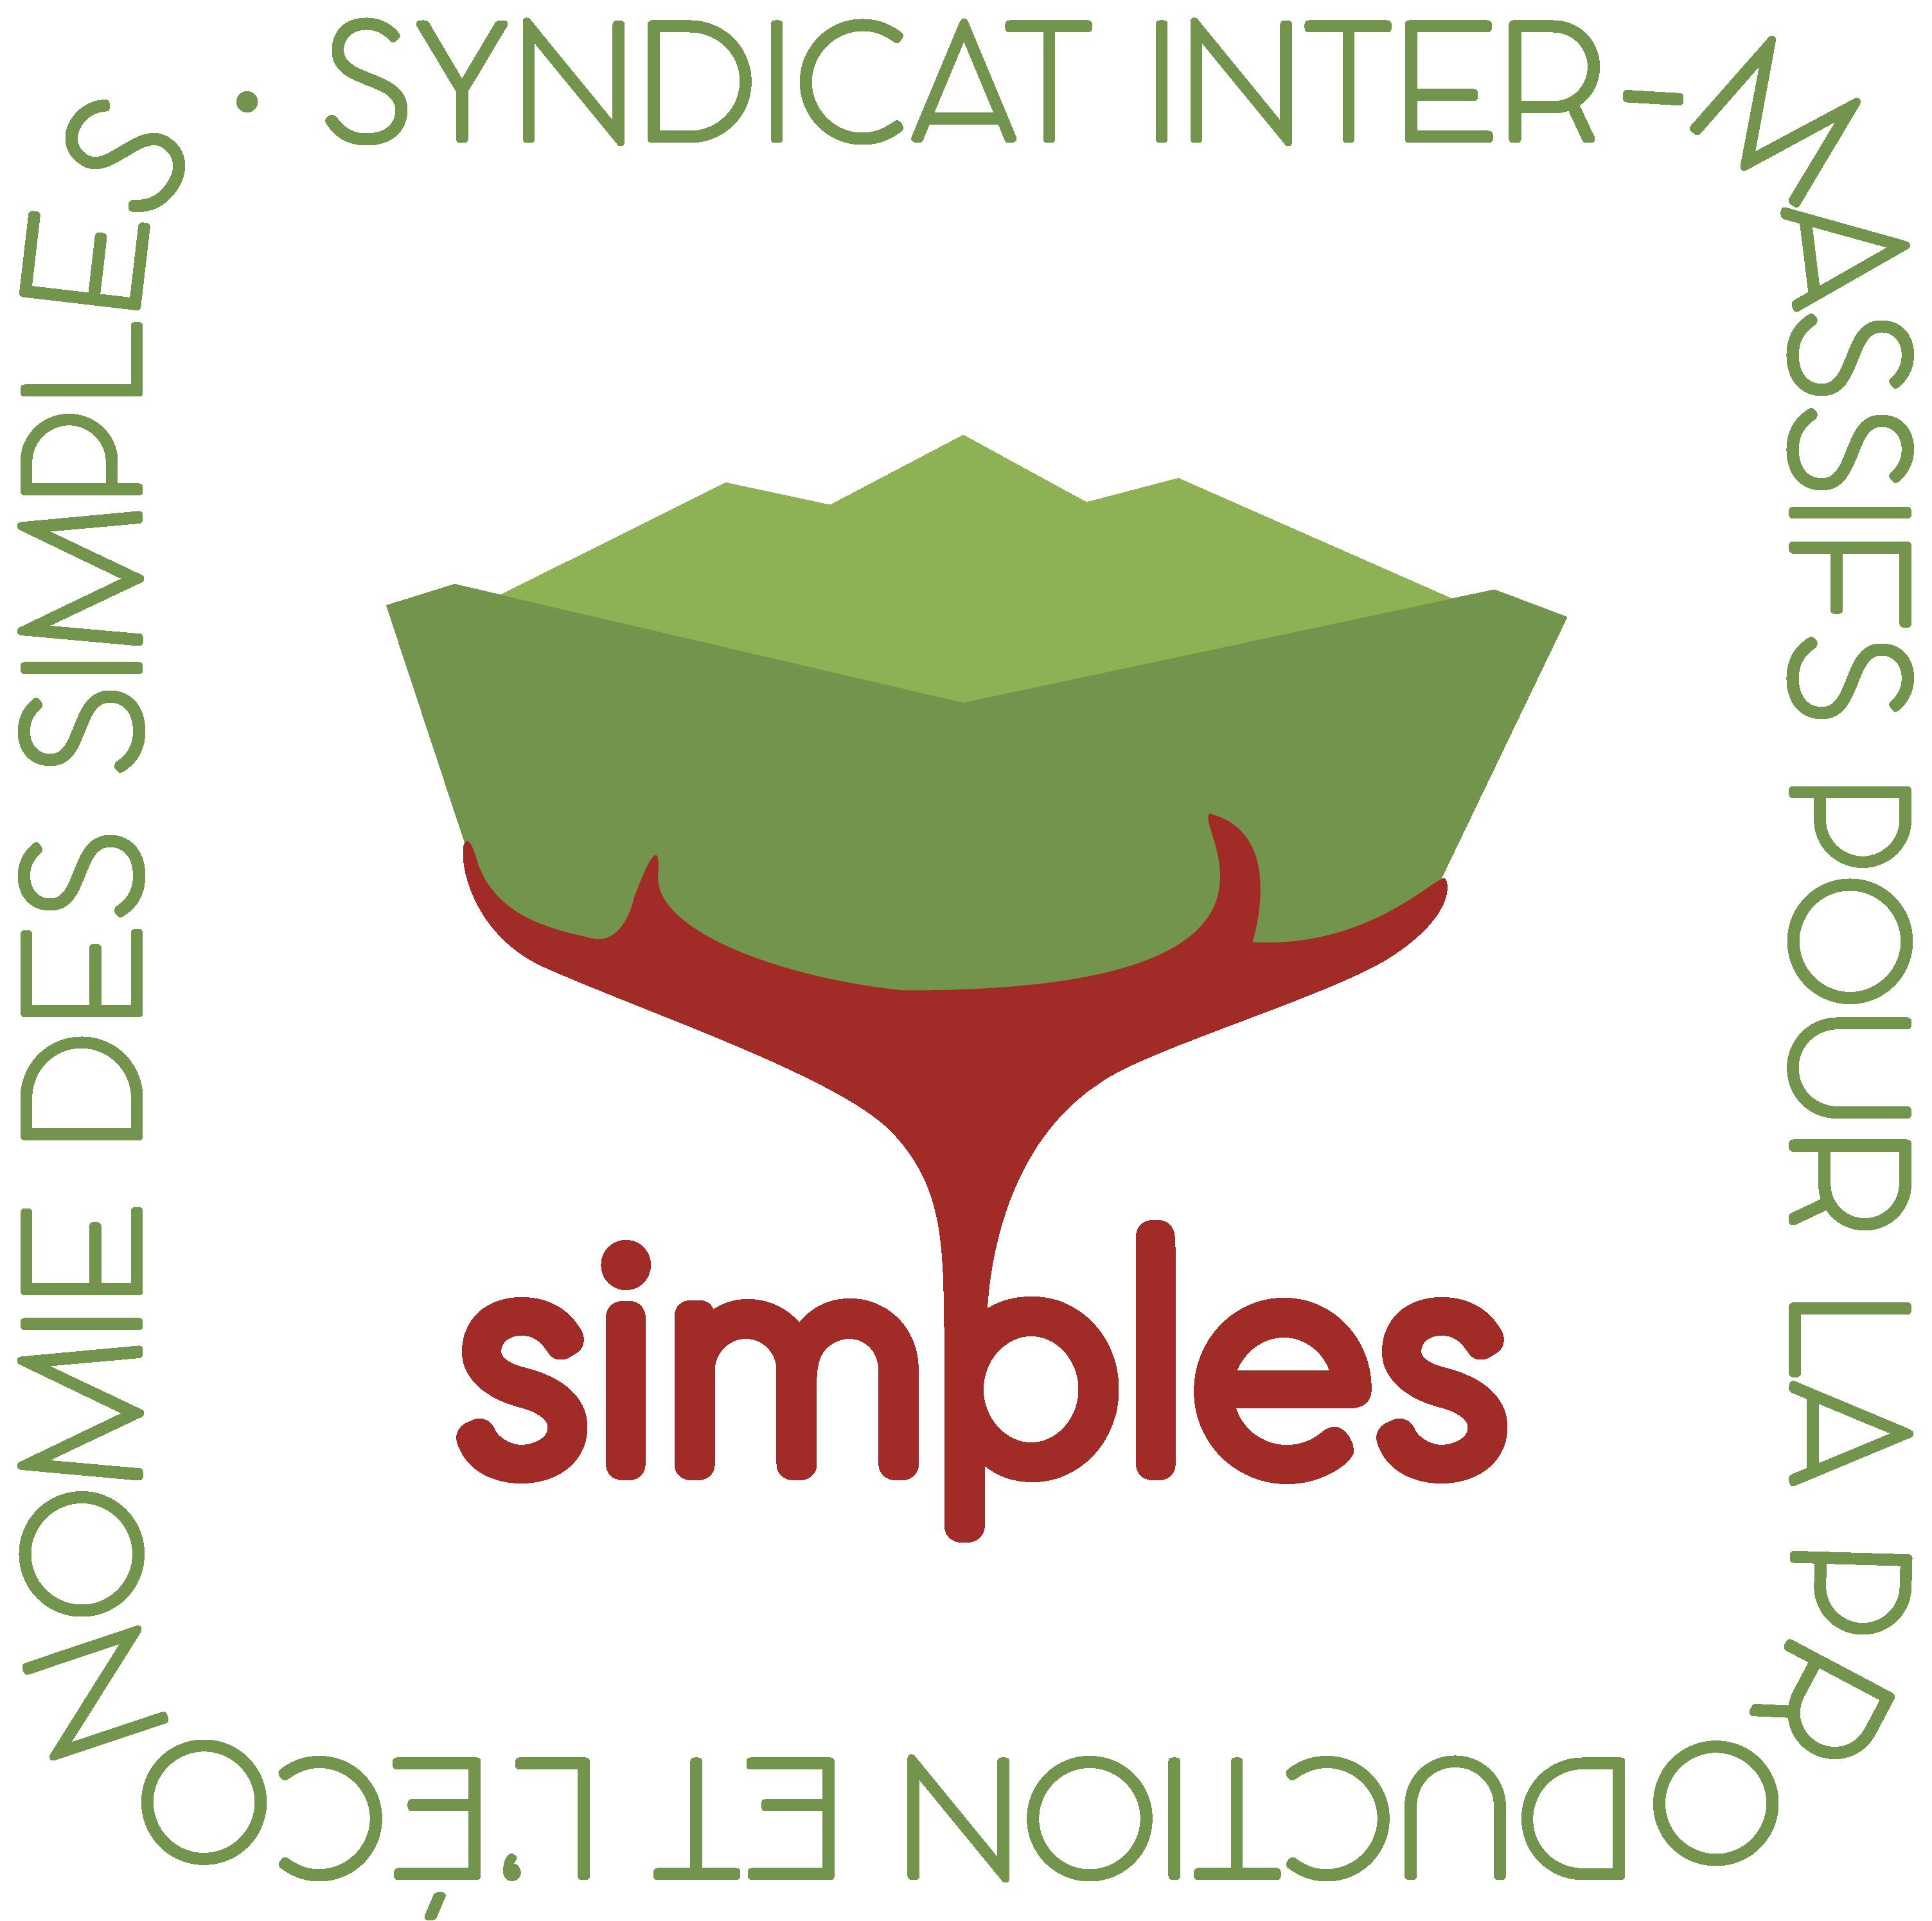 Syndicat de productIon des Simples